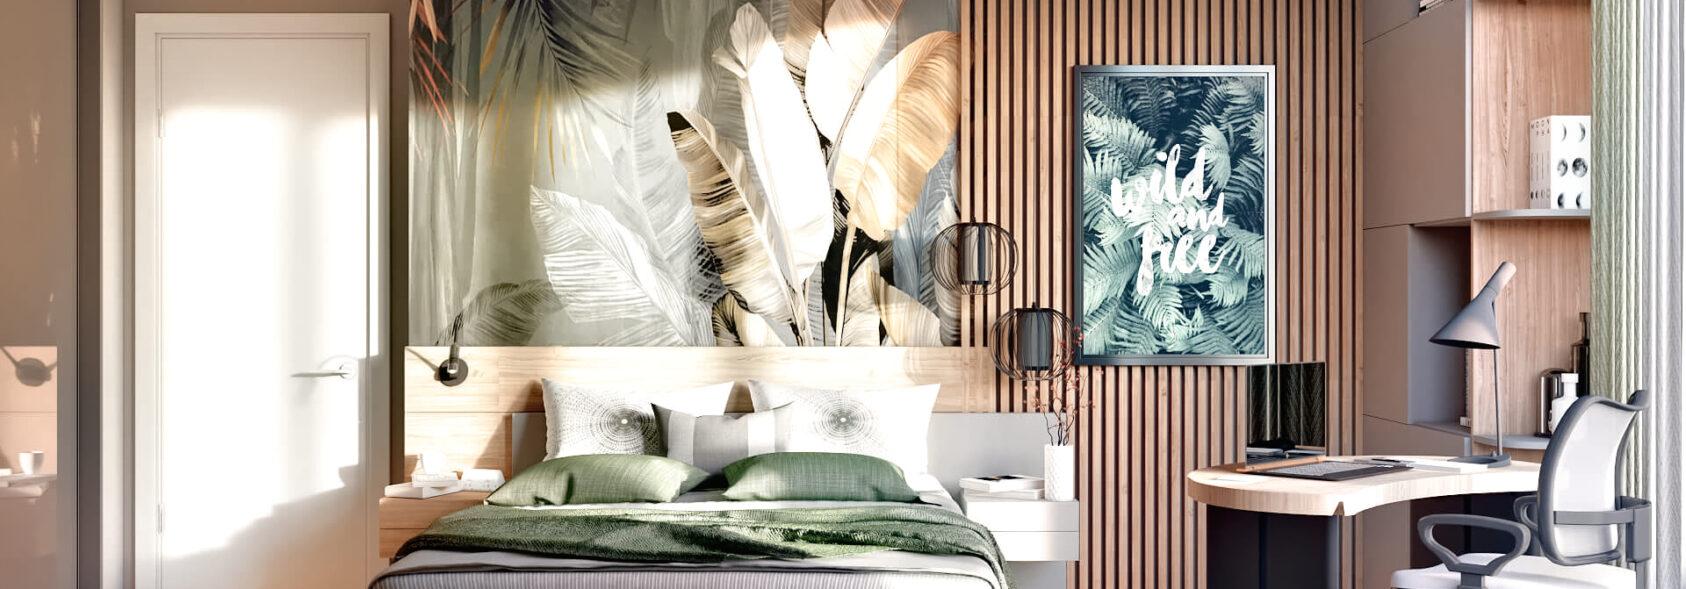 Дизайн 3-х комнатной квартиры Киев спальня